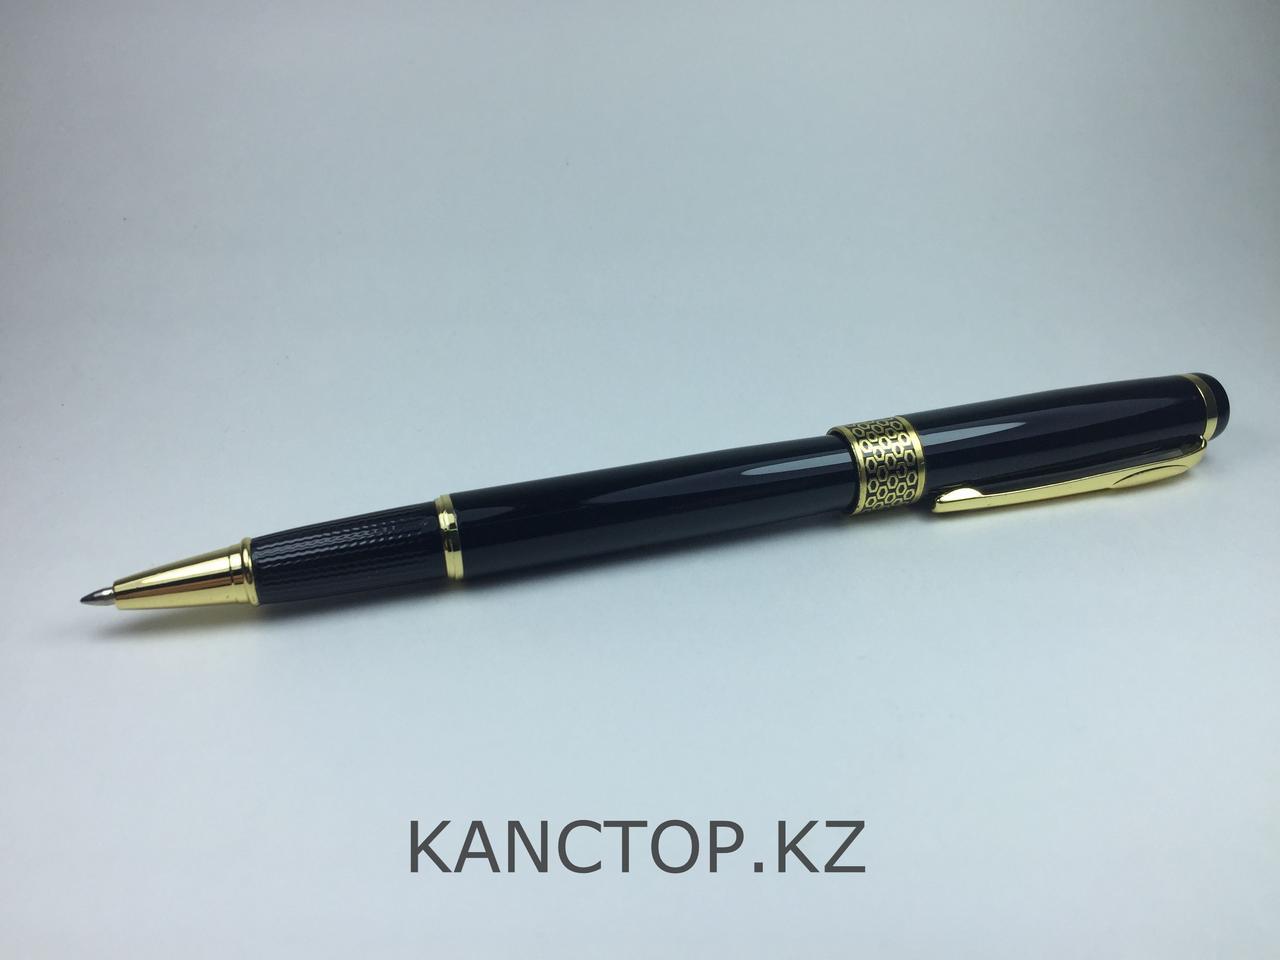 Ручка подарочная черная с золотыми элементами